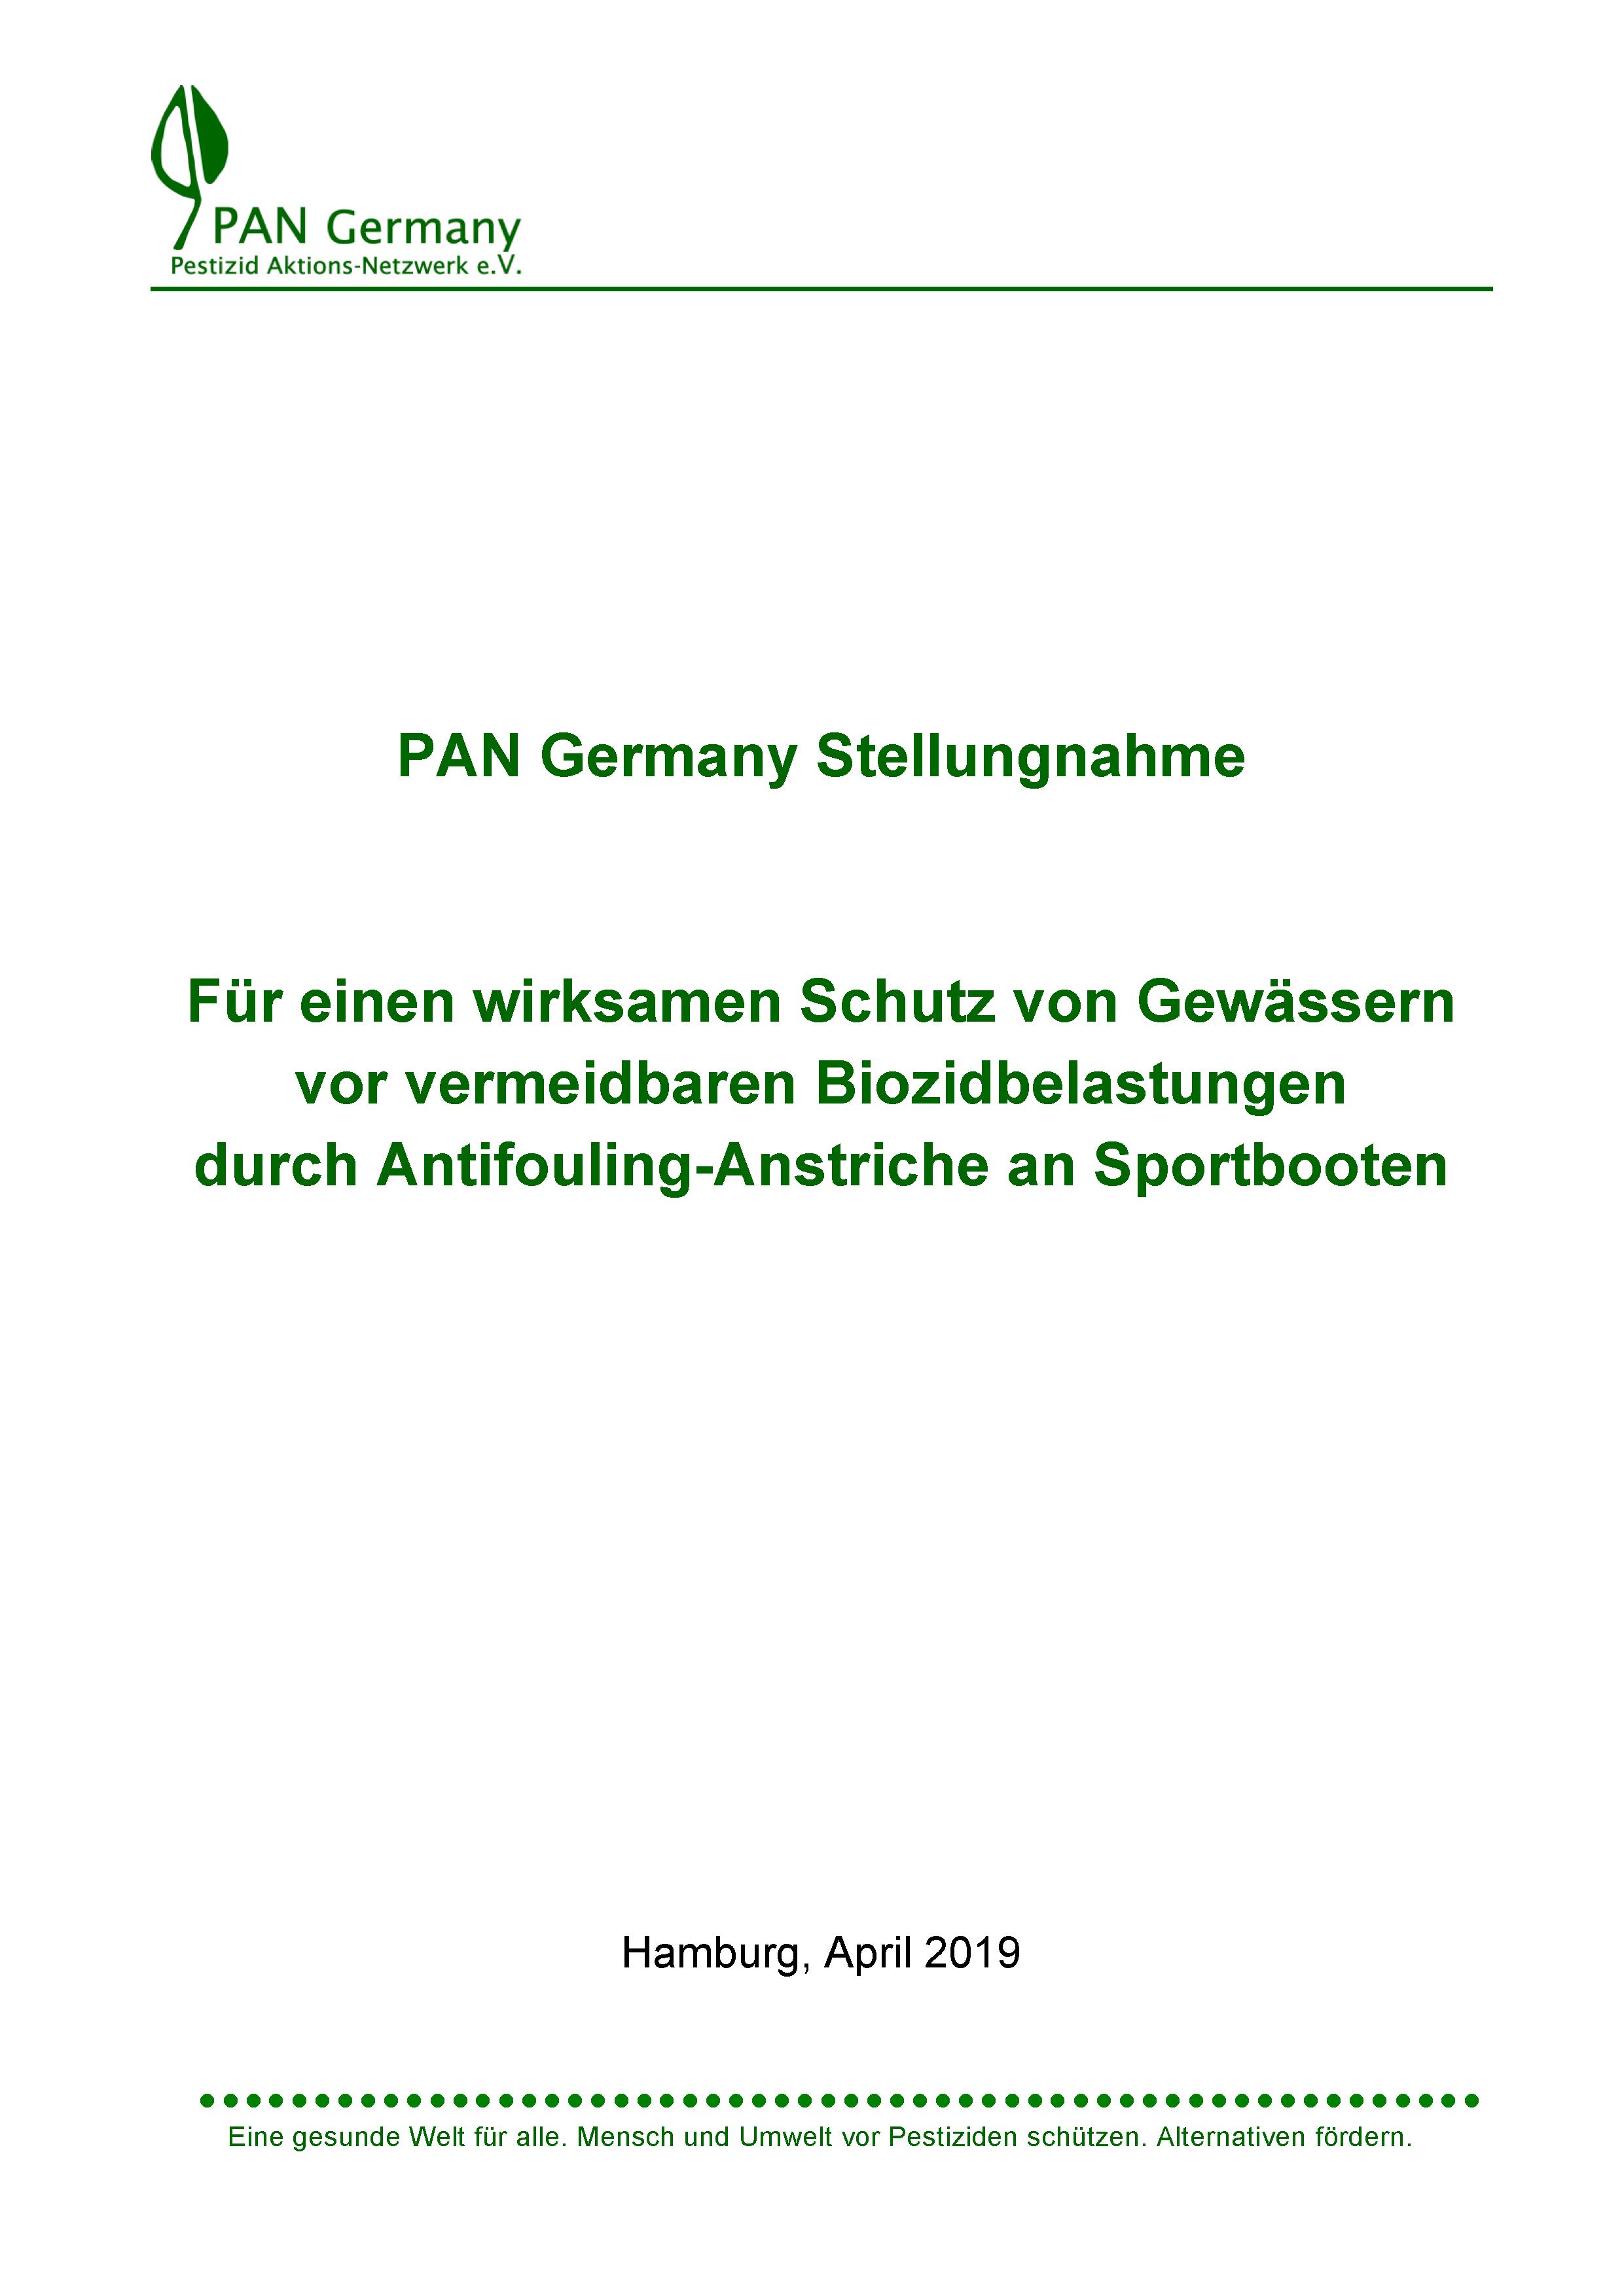 Titelbild der Antifouling-Stellungnahme